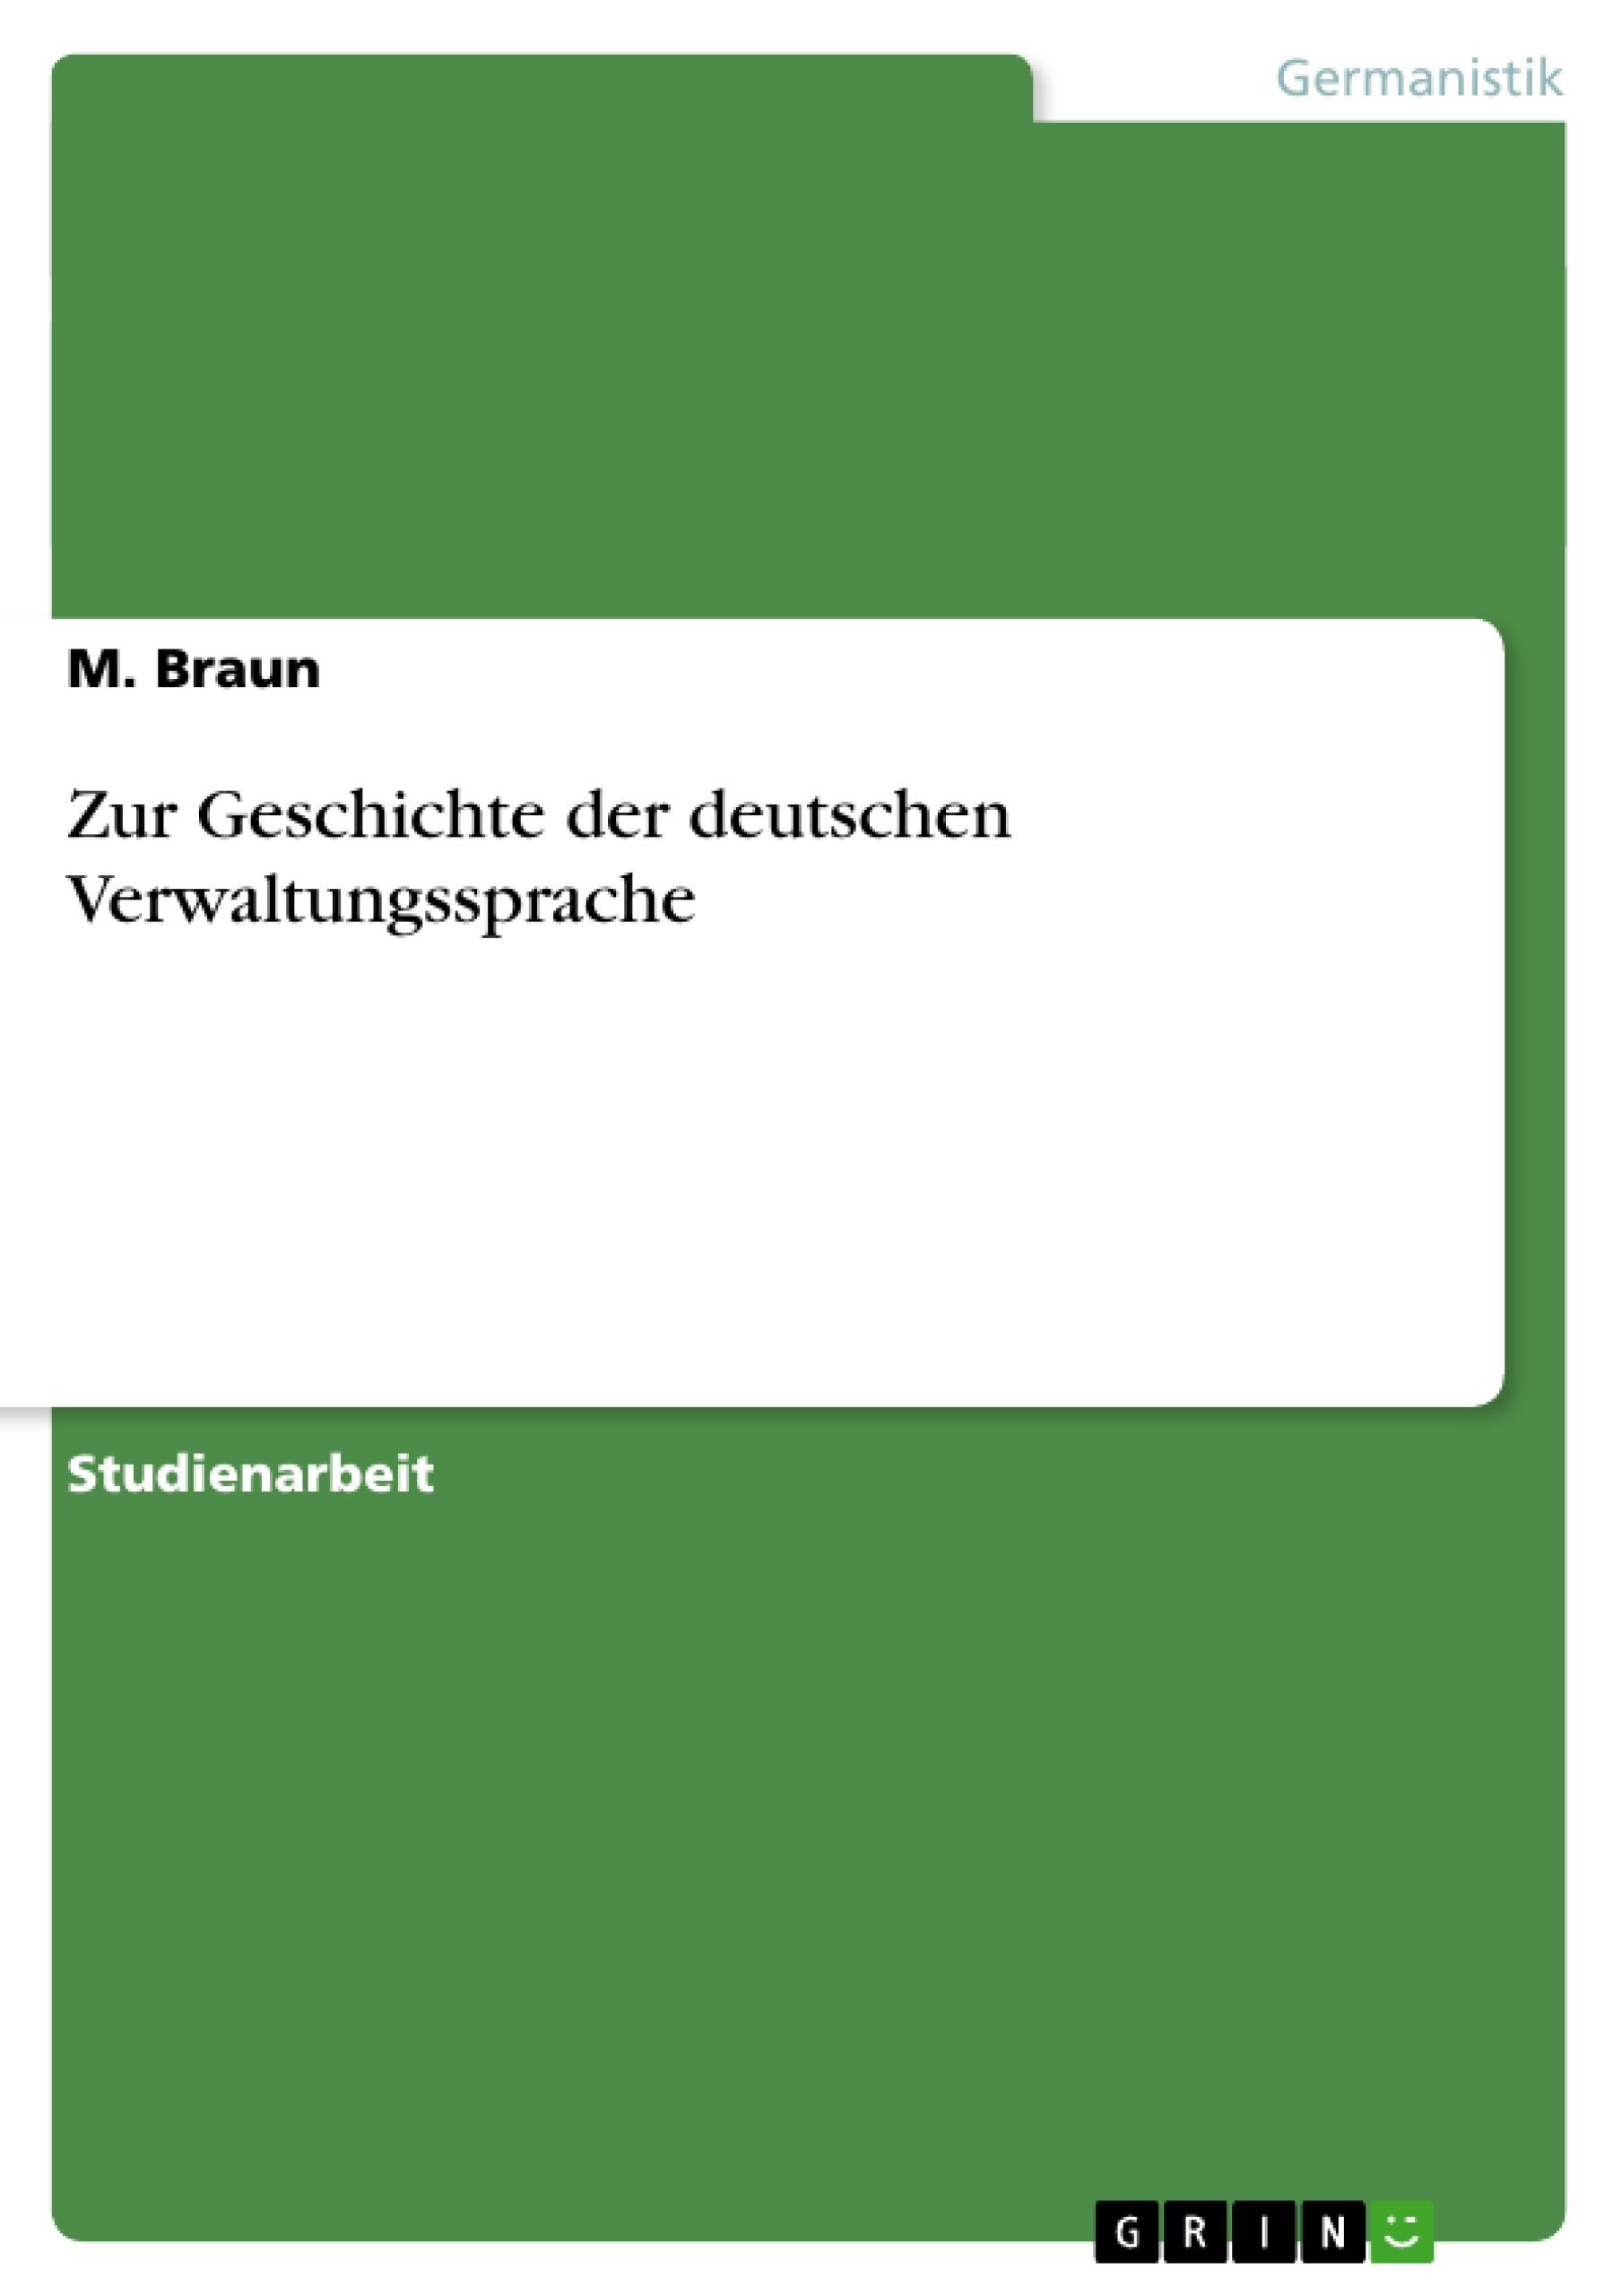 Titel: Zur Geschichte der deutschen Verwaltungssprache